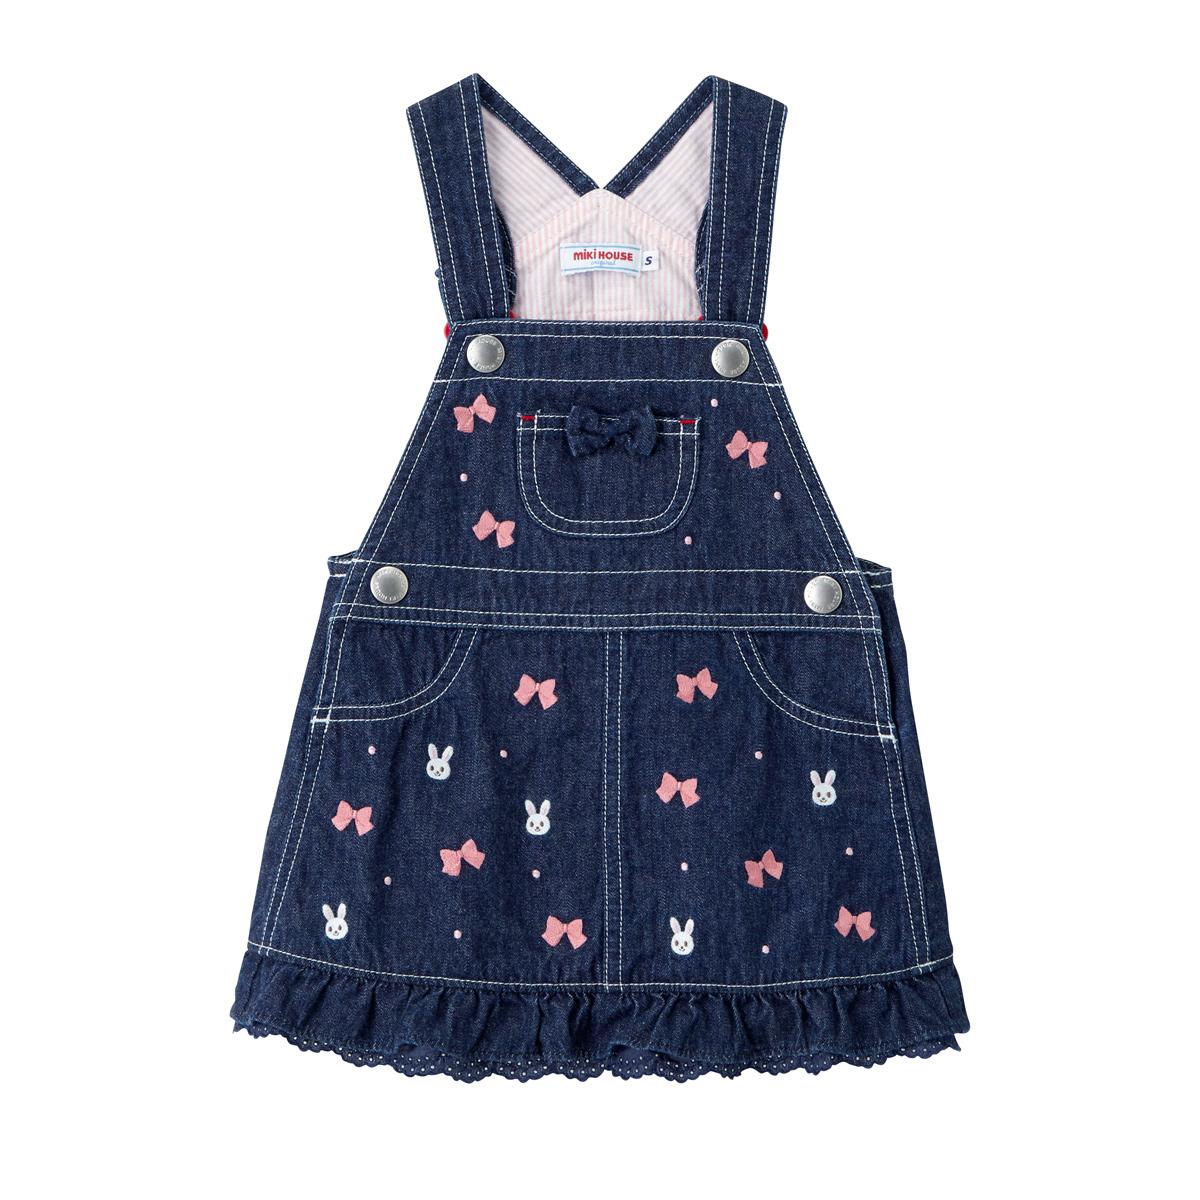 【ミキハウス】うさこ 薄手のデニムジャンパースカート〈S-M(70cm-90cm)〉